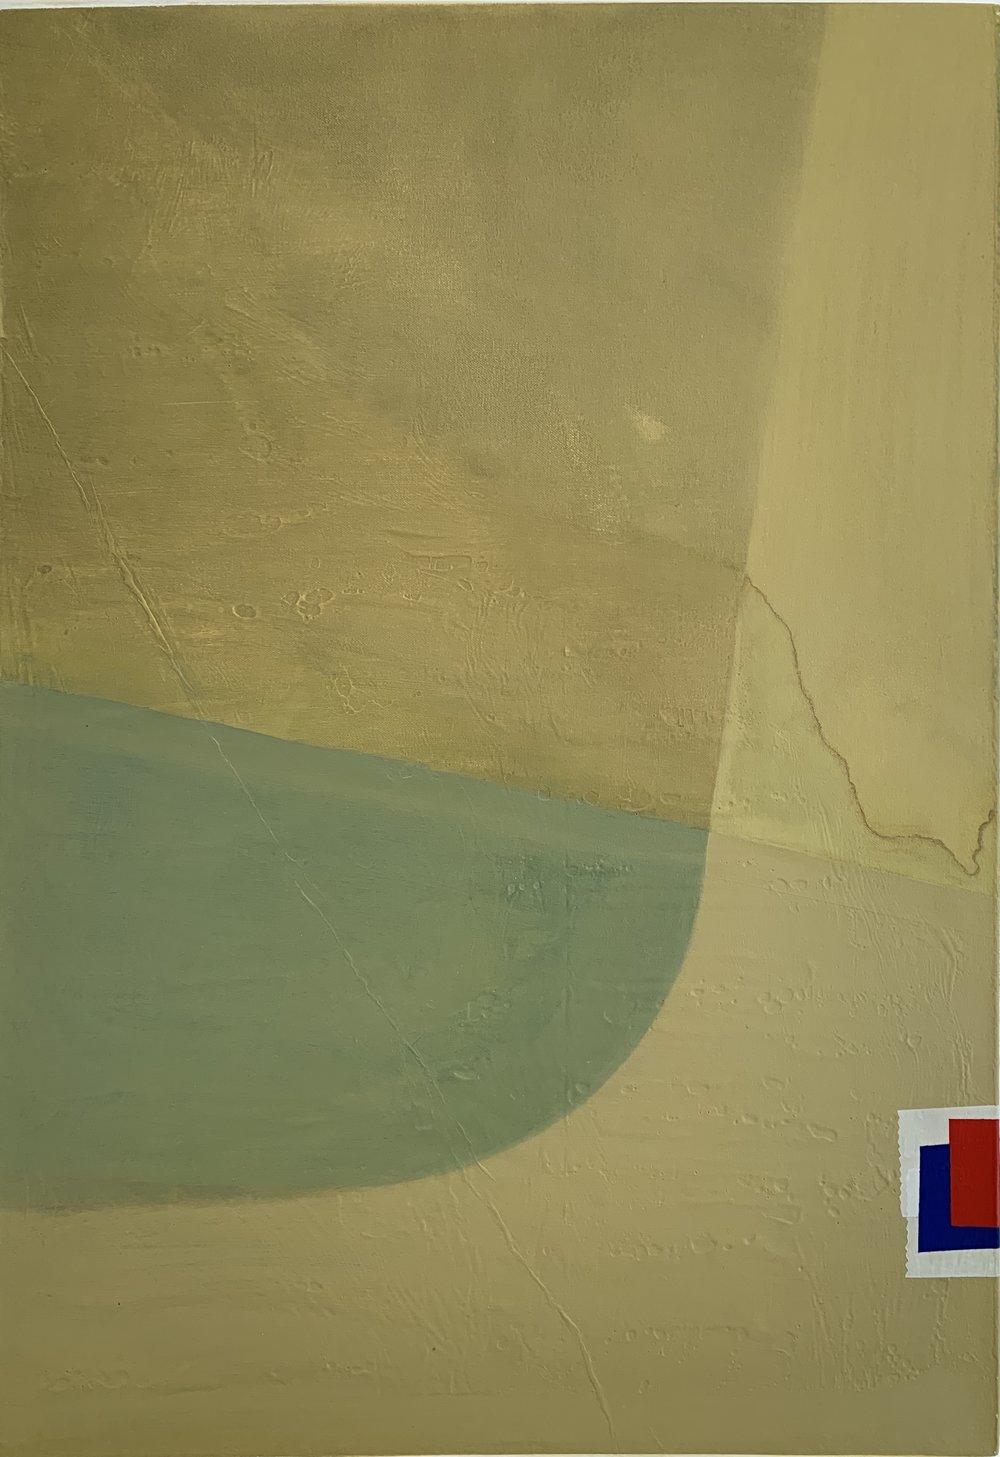 CHRIS CARMODY,  N1A1A26v.1 , 2013-2015 oil on canvas 73 x 50.5 cm